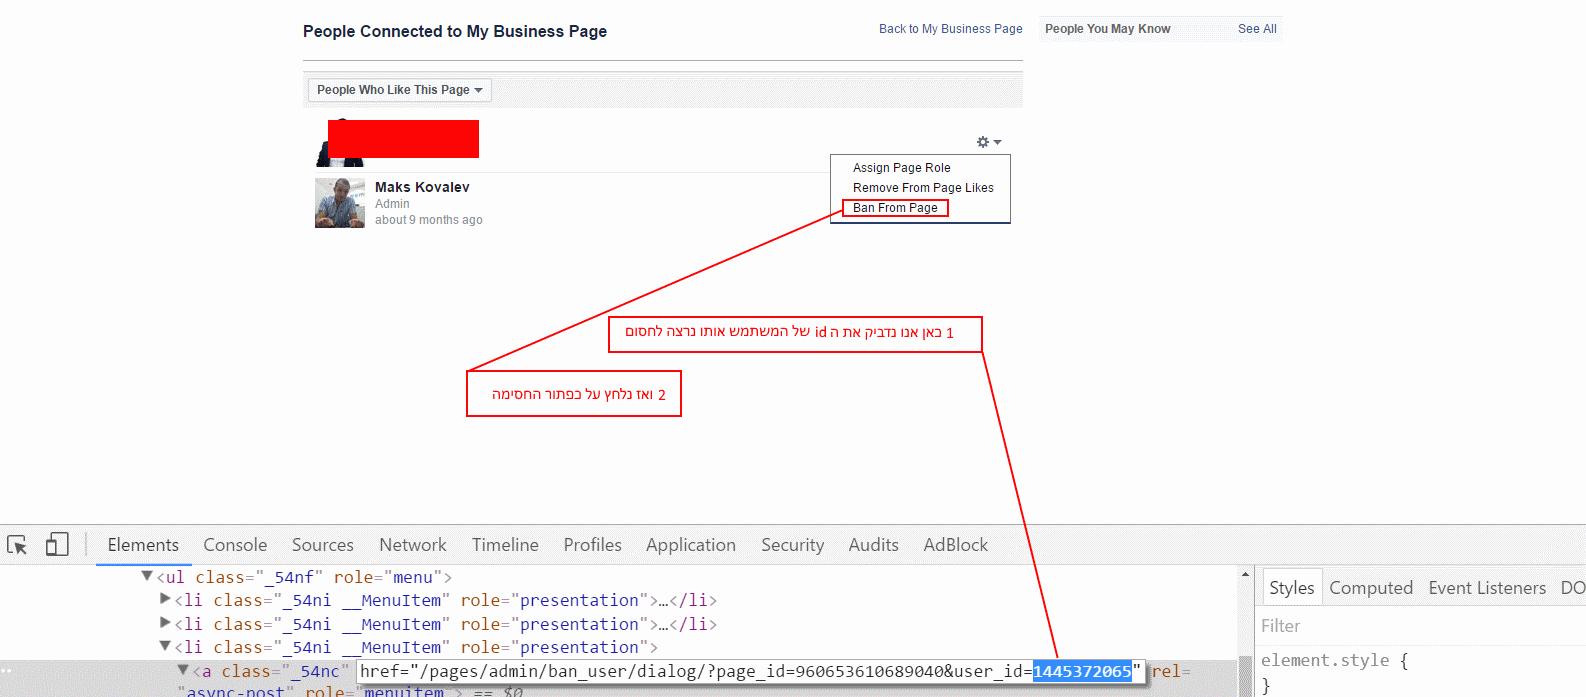 איך לחסום משתמש מהדף העסקי